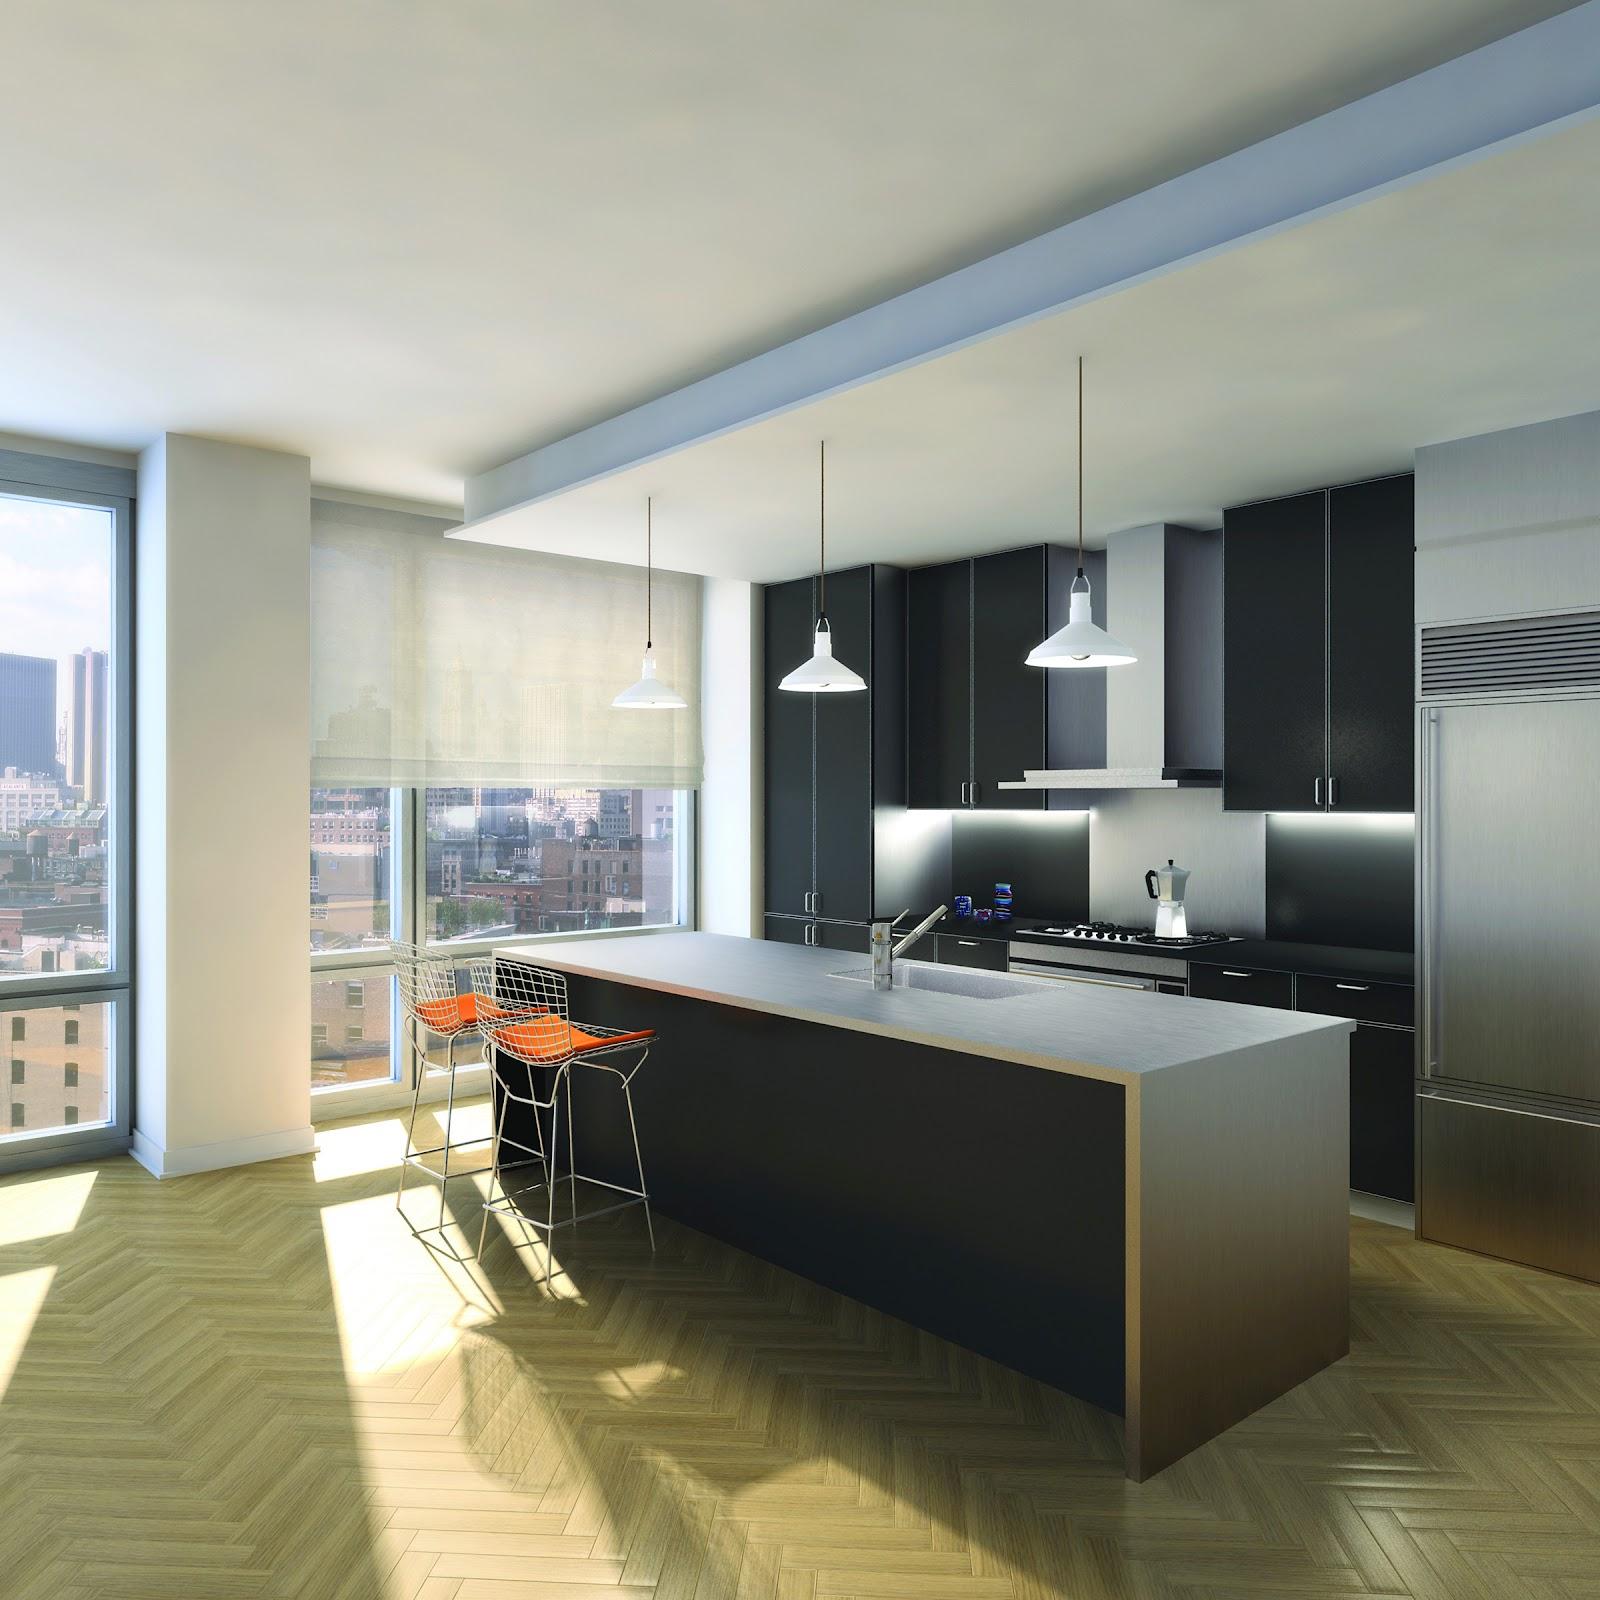 #887643  Lucas Designer de Interiores: Referências Projetos de Cozinha 1600x1600 px Projetos De Cozinhas Brastemp #439 imagens